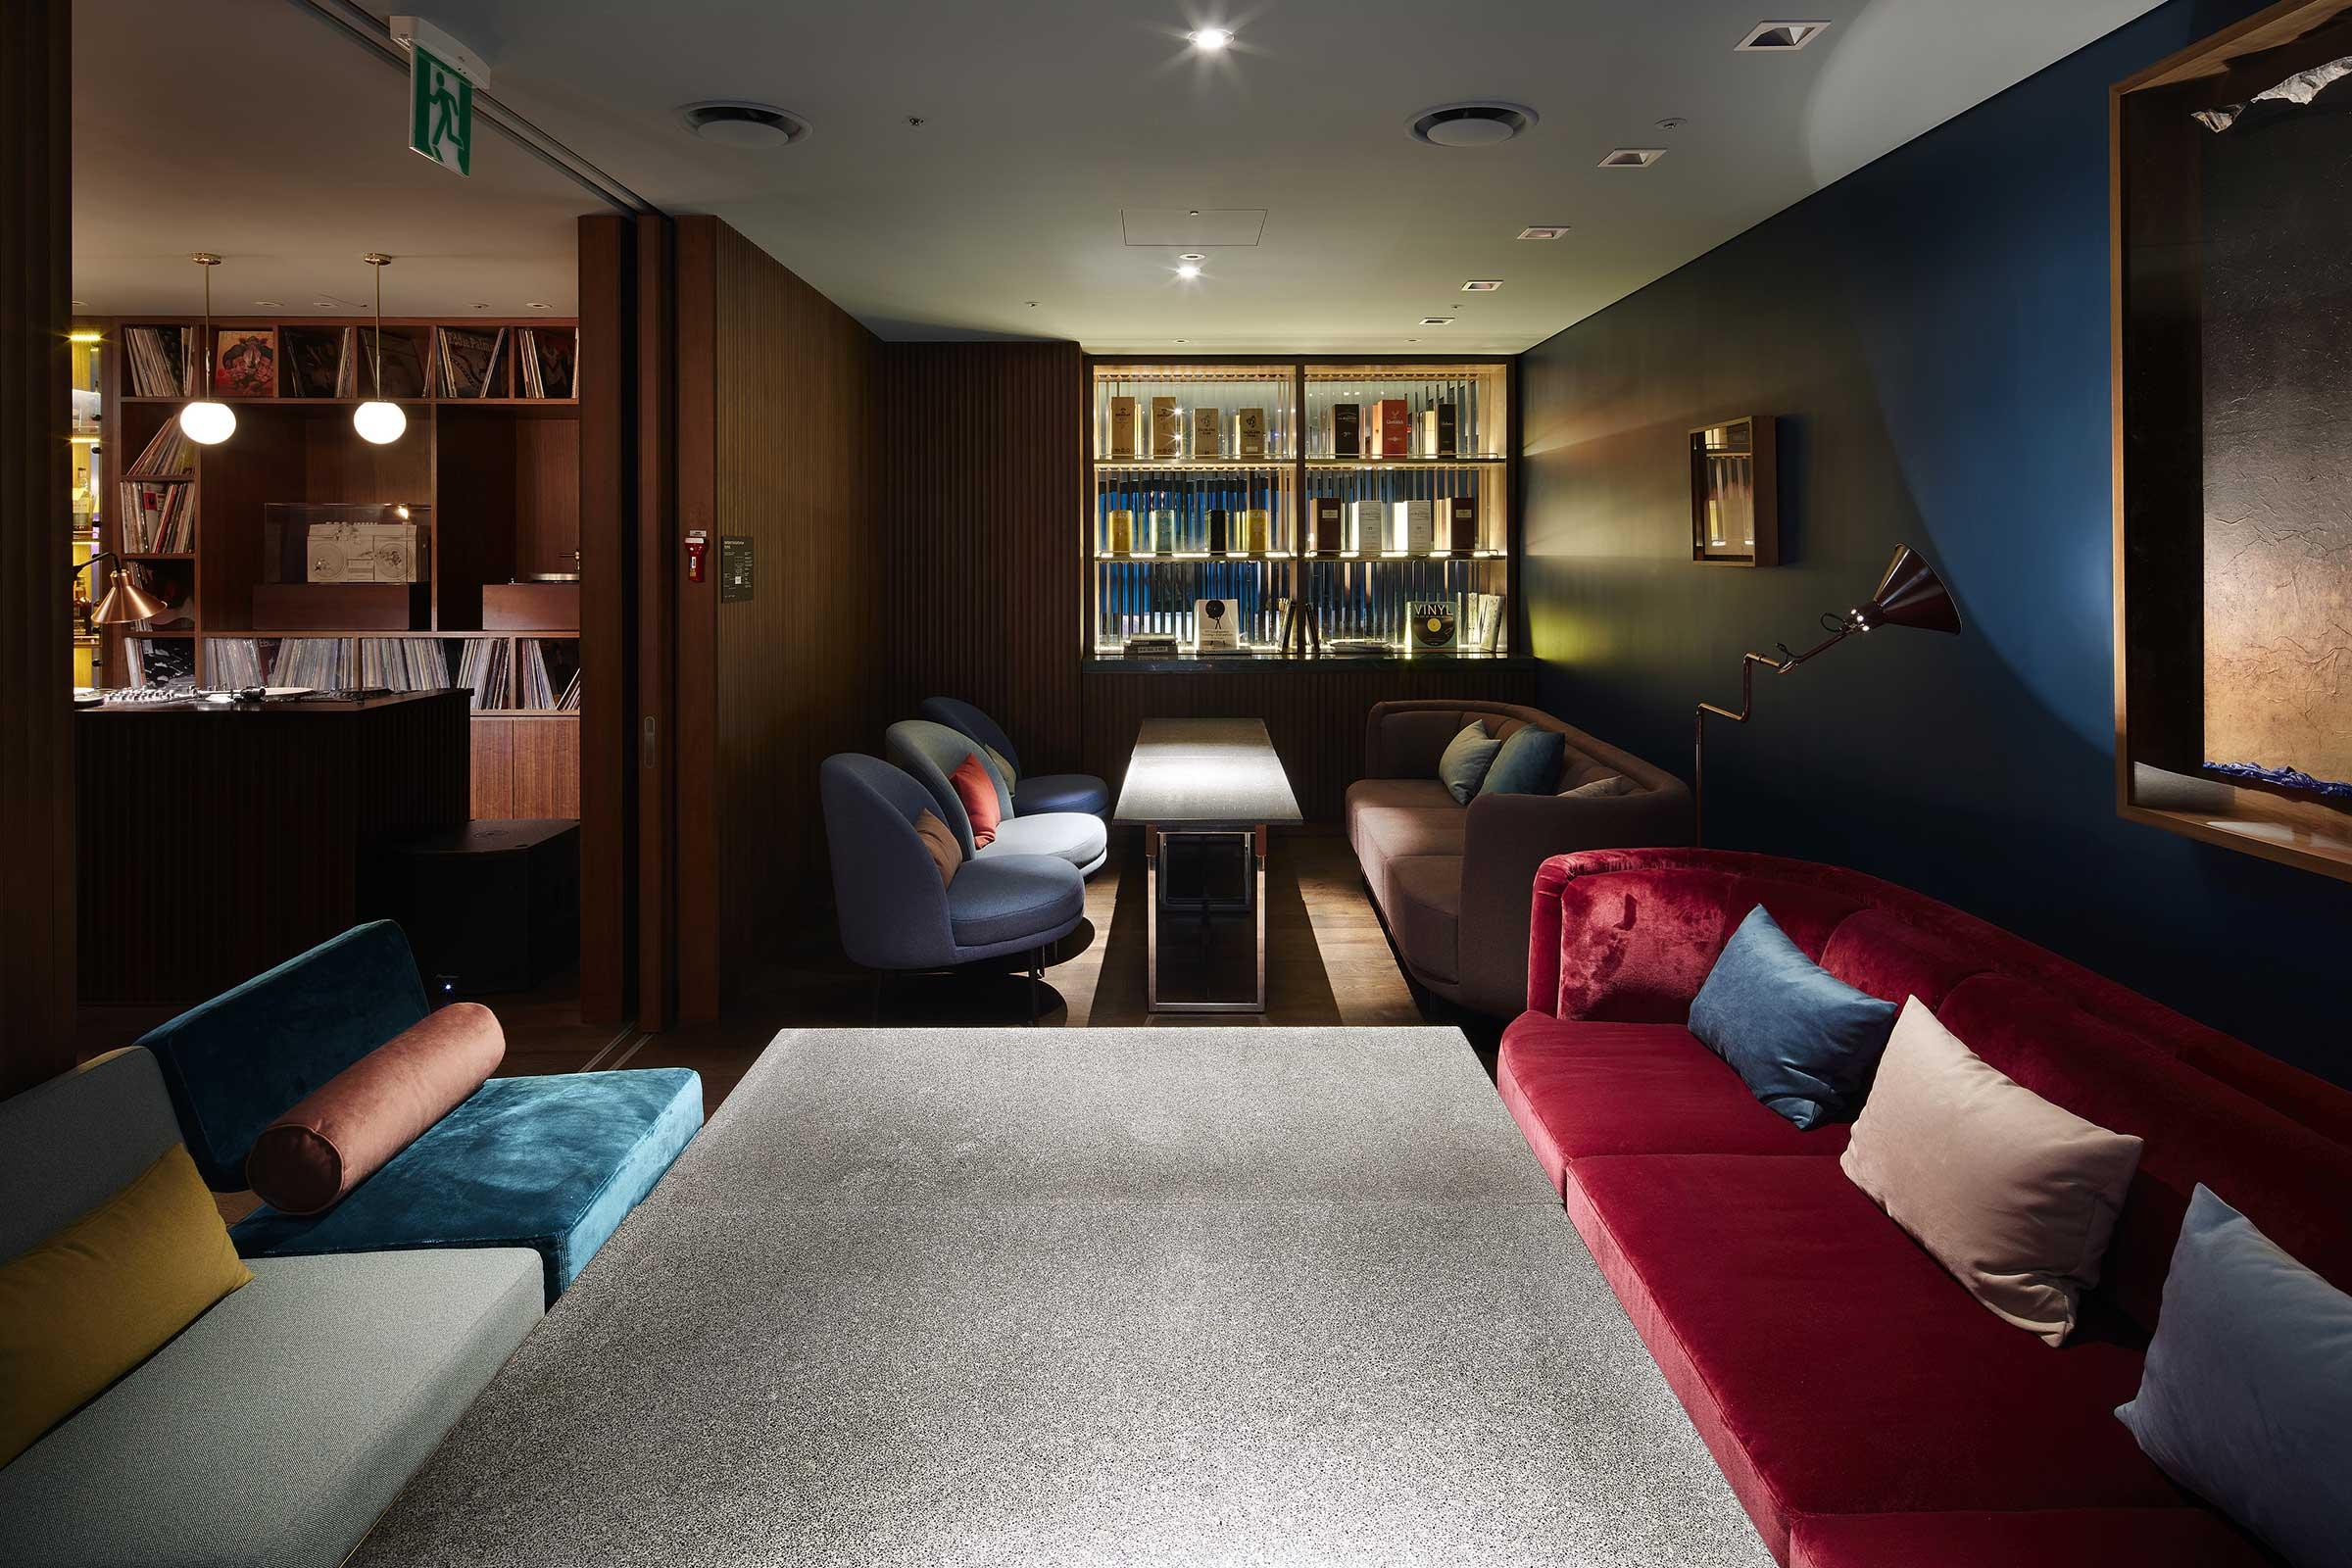 RYSE_15F_SideNoteClub_Couch.jpg